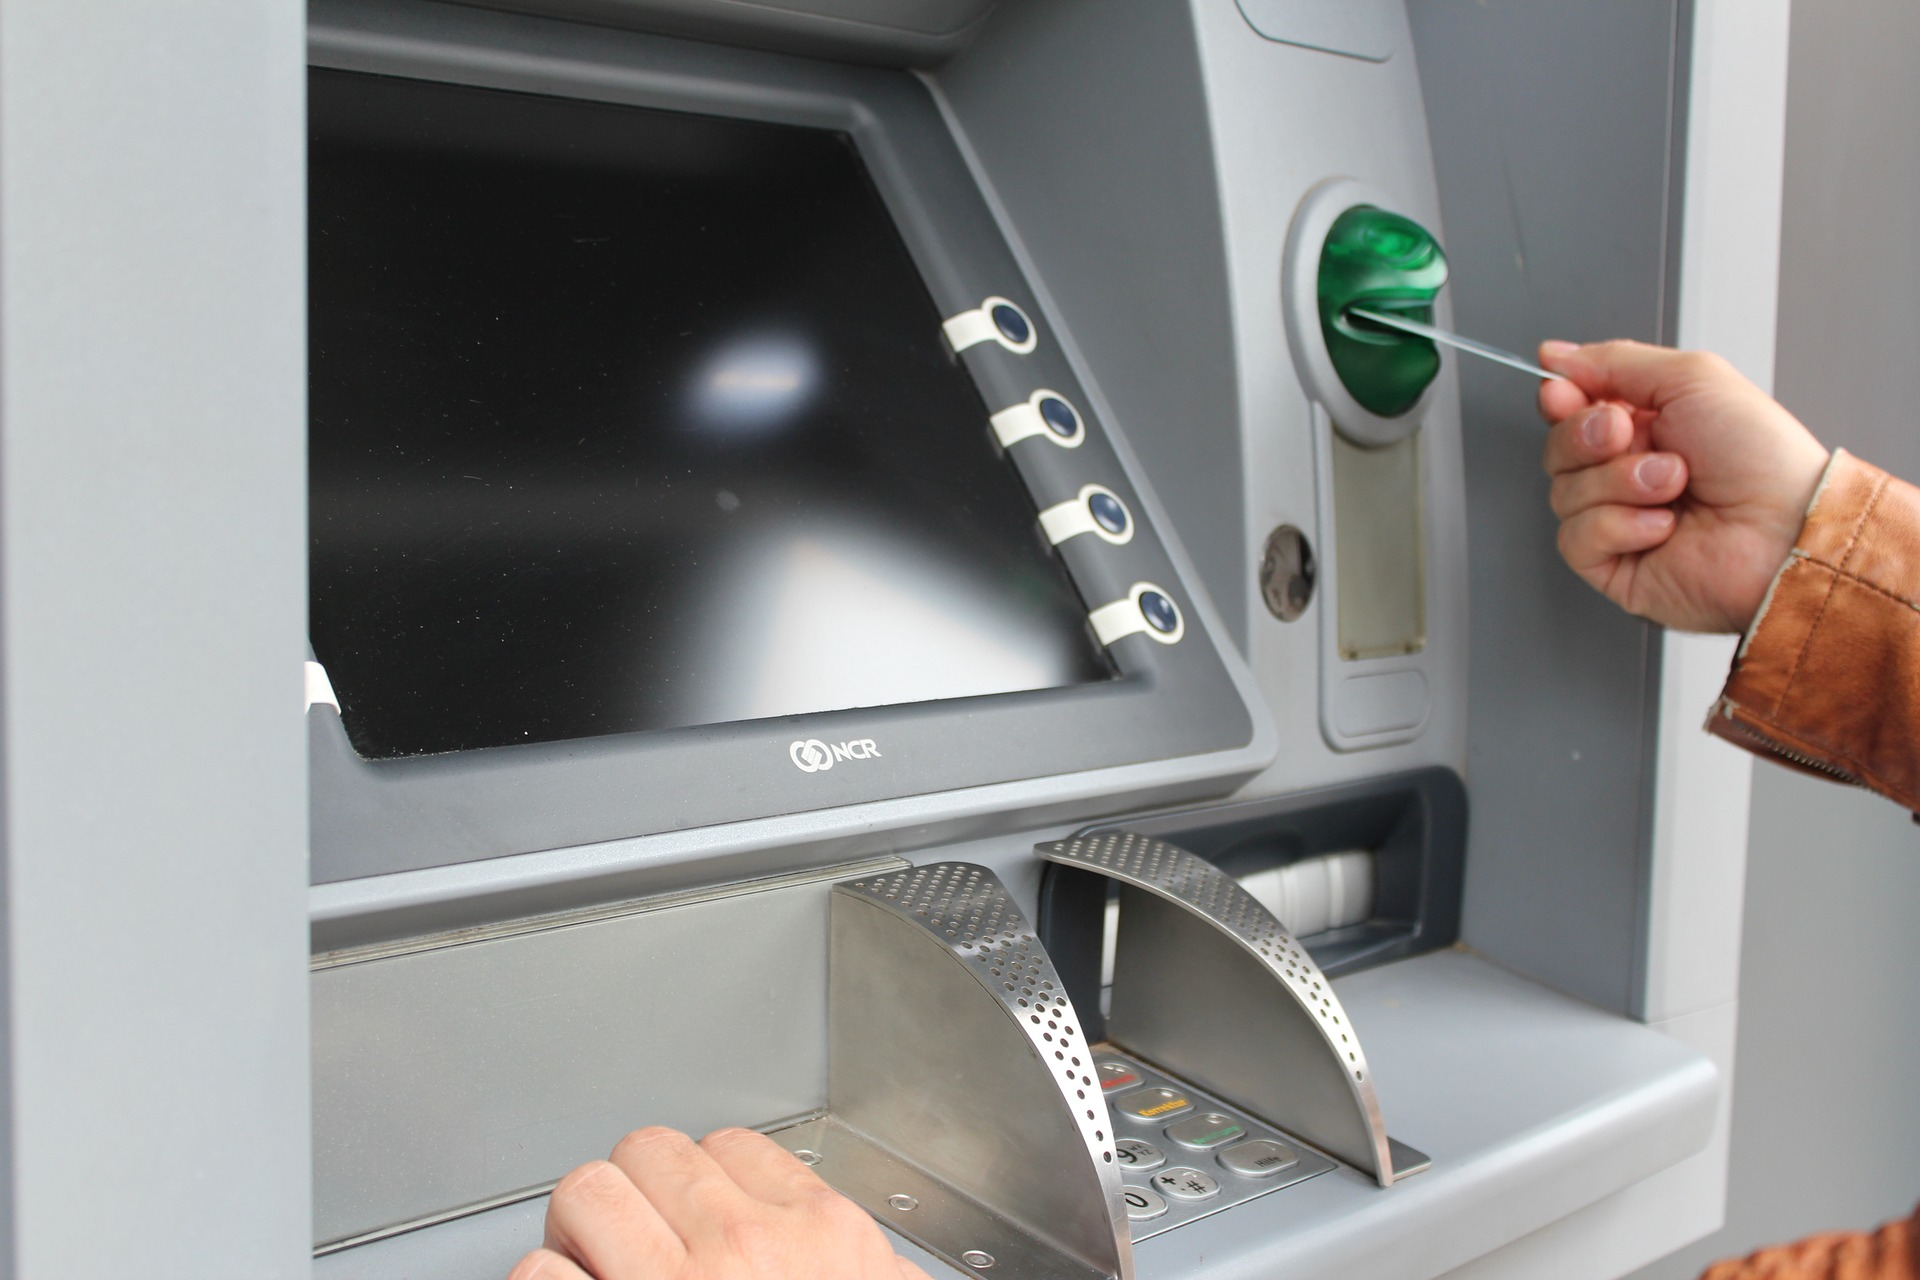 банкомат пиксабай